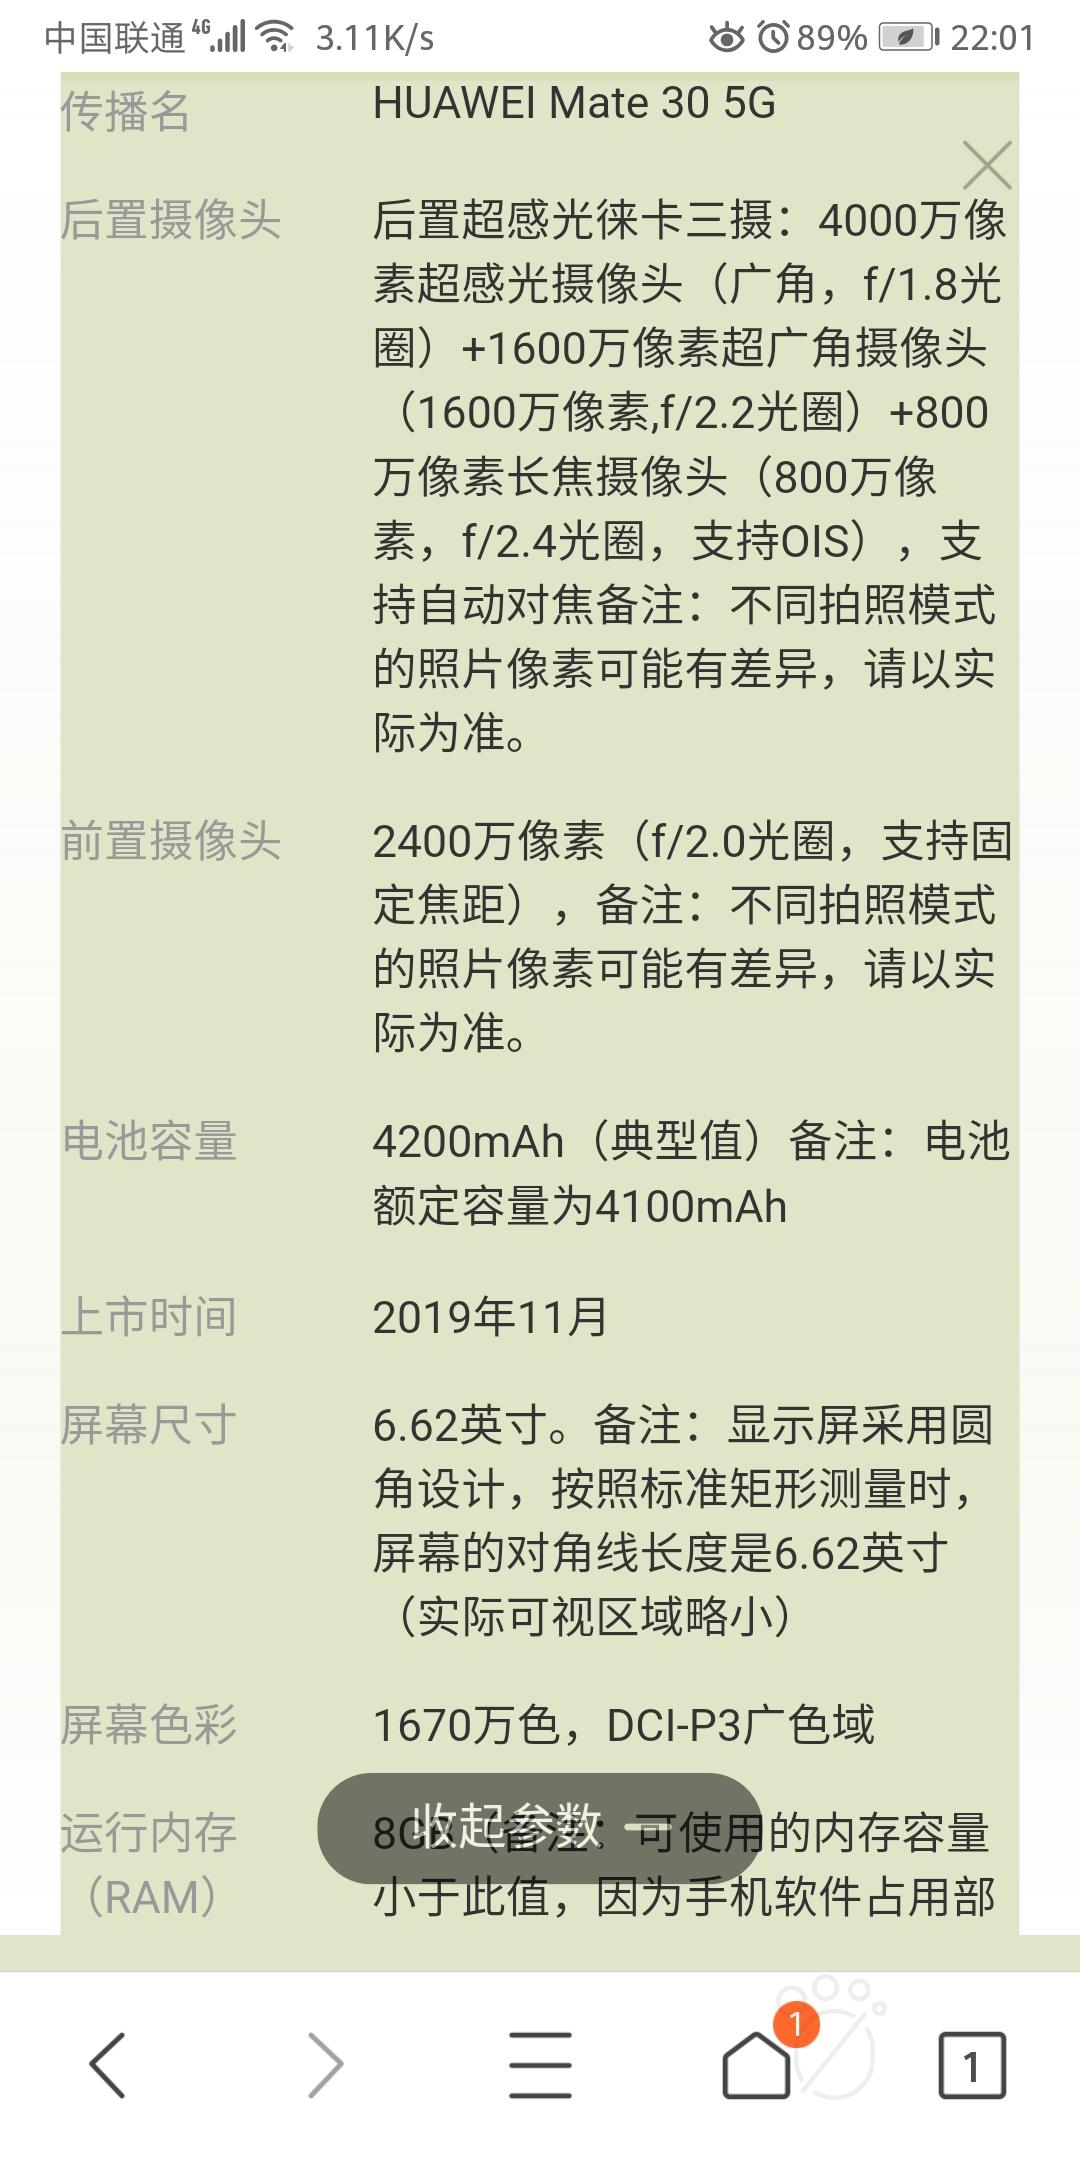 Screenshot_20191126_220135_com.tencent.mtt.jpg